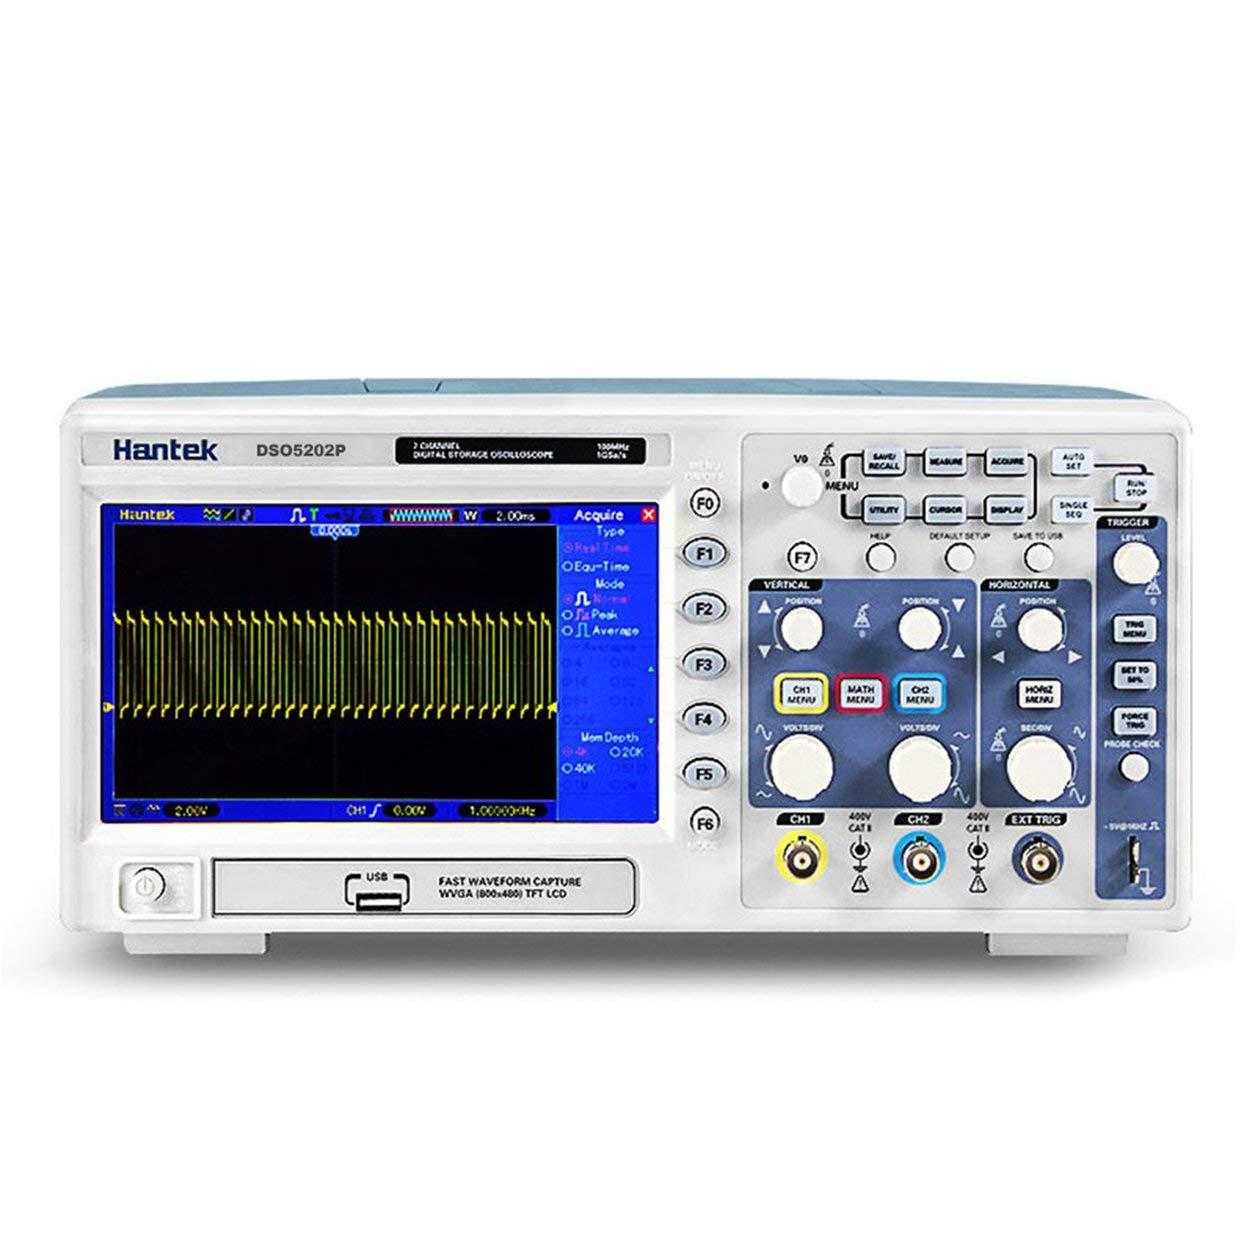 Saikogoods DSO5072PオリジナルUSBデジタルストレージオシロスコープ2つのチャンネルを70MHz 1GS / sのリアルタイムサンプルレートUSBホスト 白 米国 B07M67VYJL 白 米国 白 米国